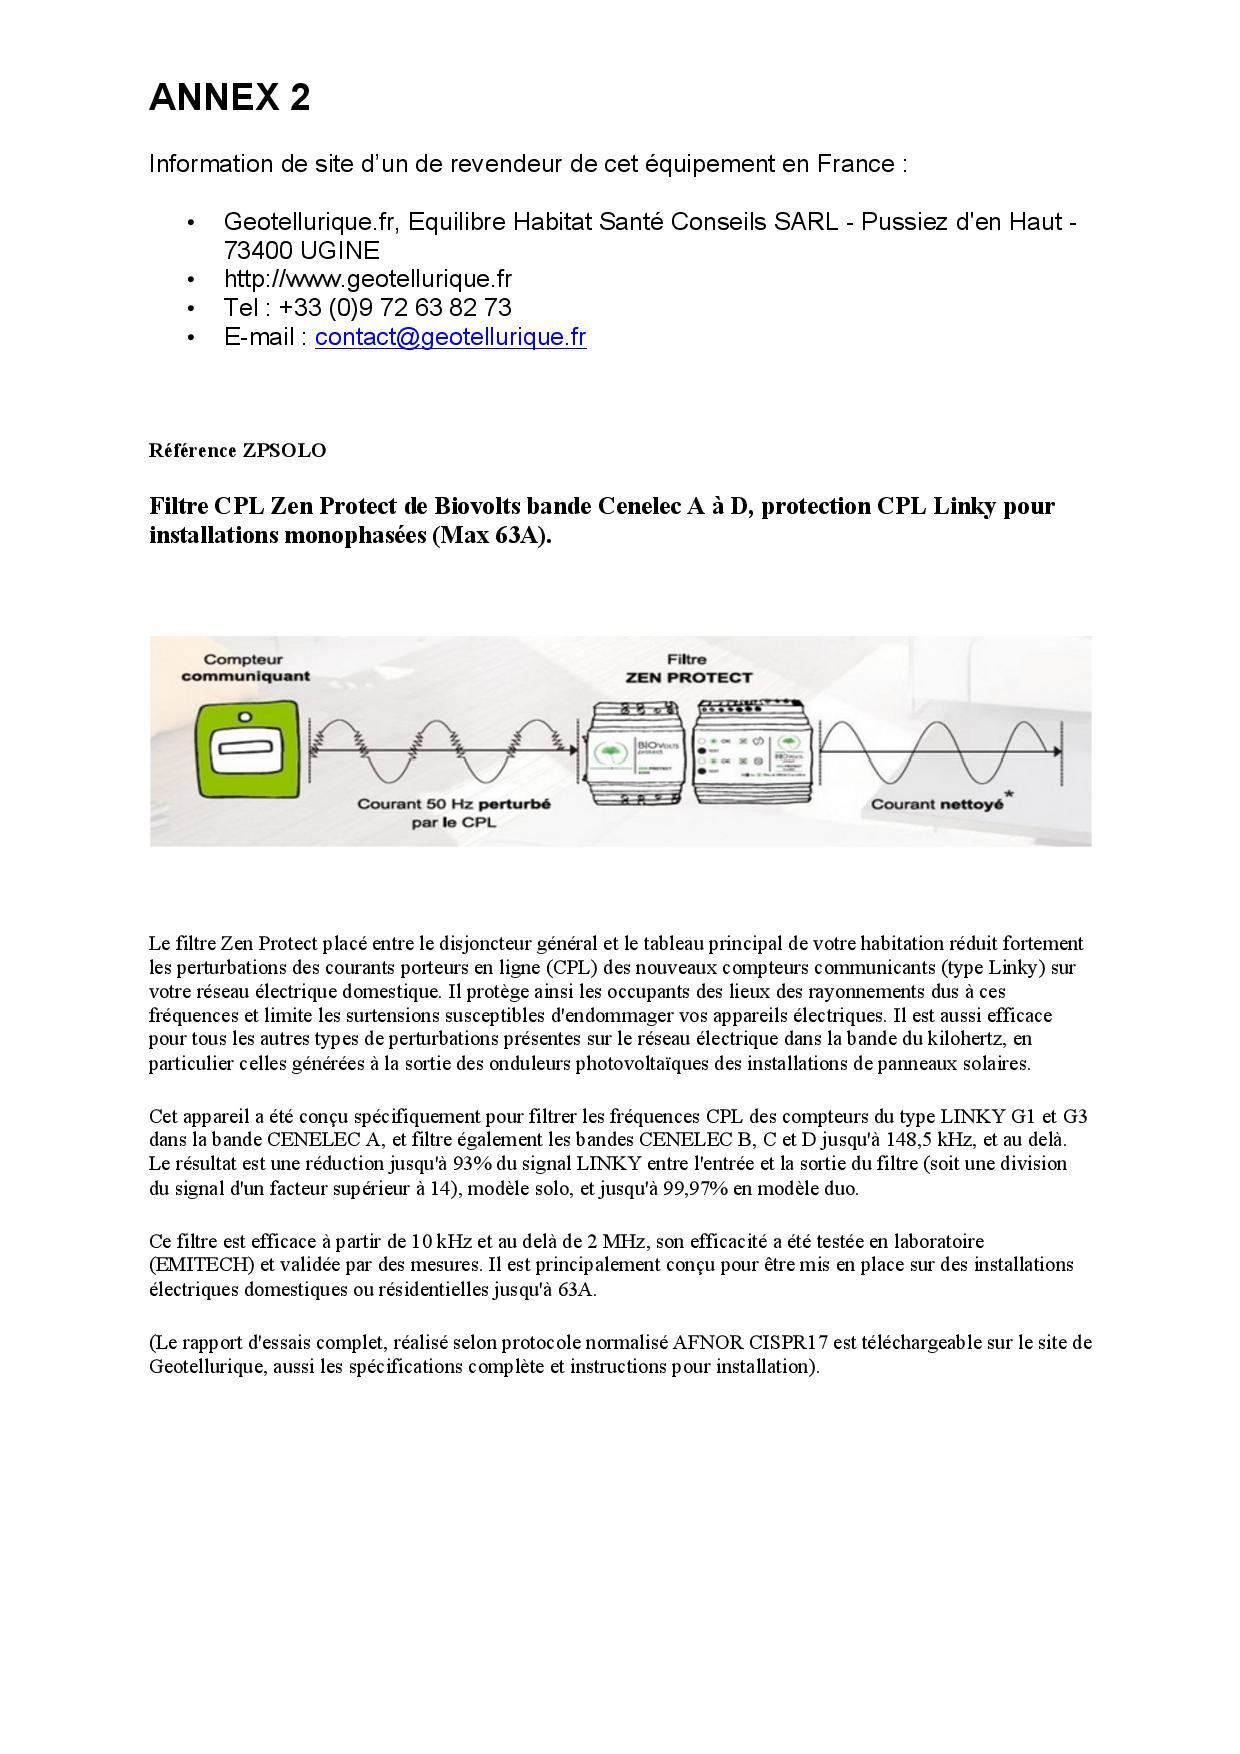 Annex 2 Zen Protect-page-001.jpg